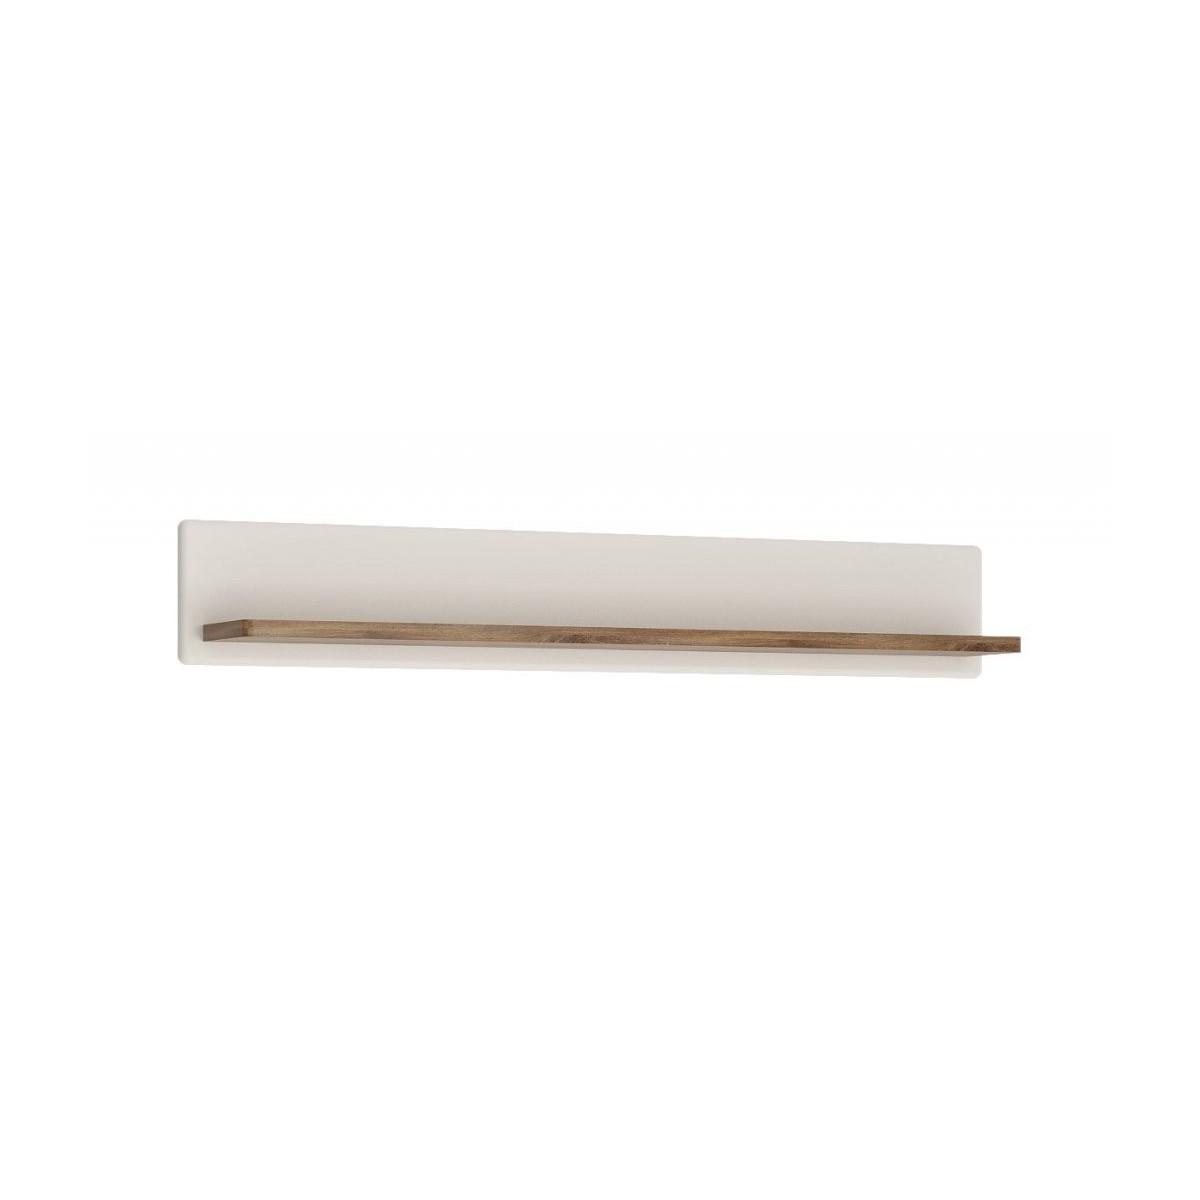 Półka do pokoju dziennego Biały alpejski, Dąb Stirling/Biały połysk, Toledo TOLD01 Meble Wójcik